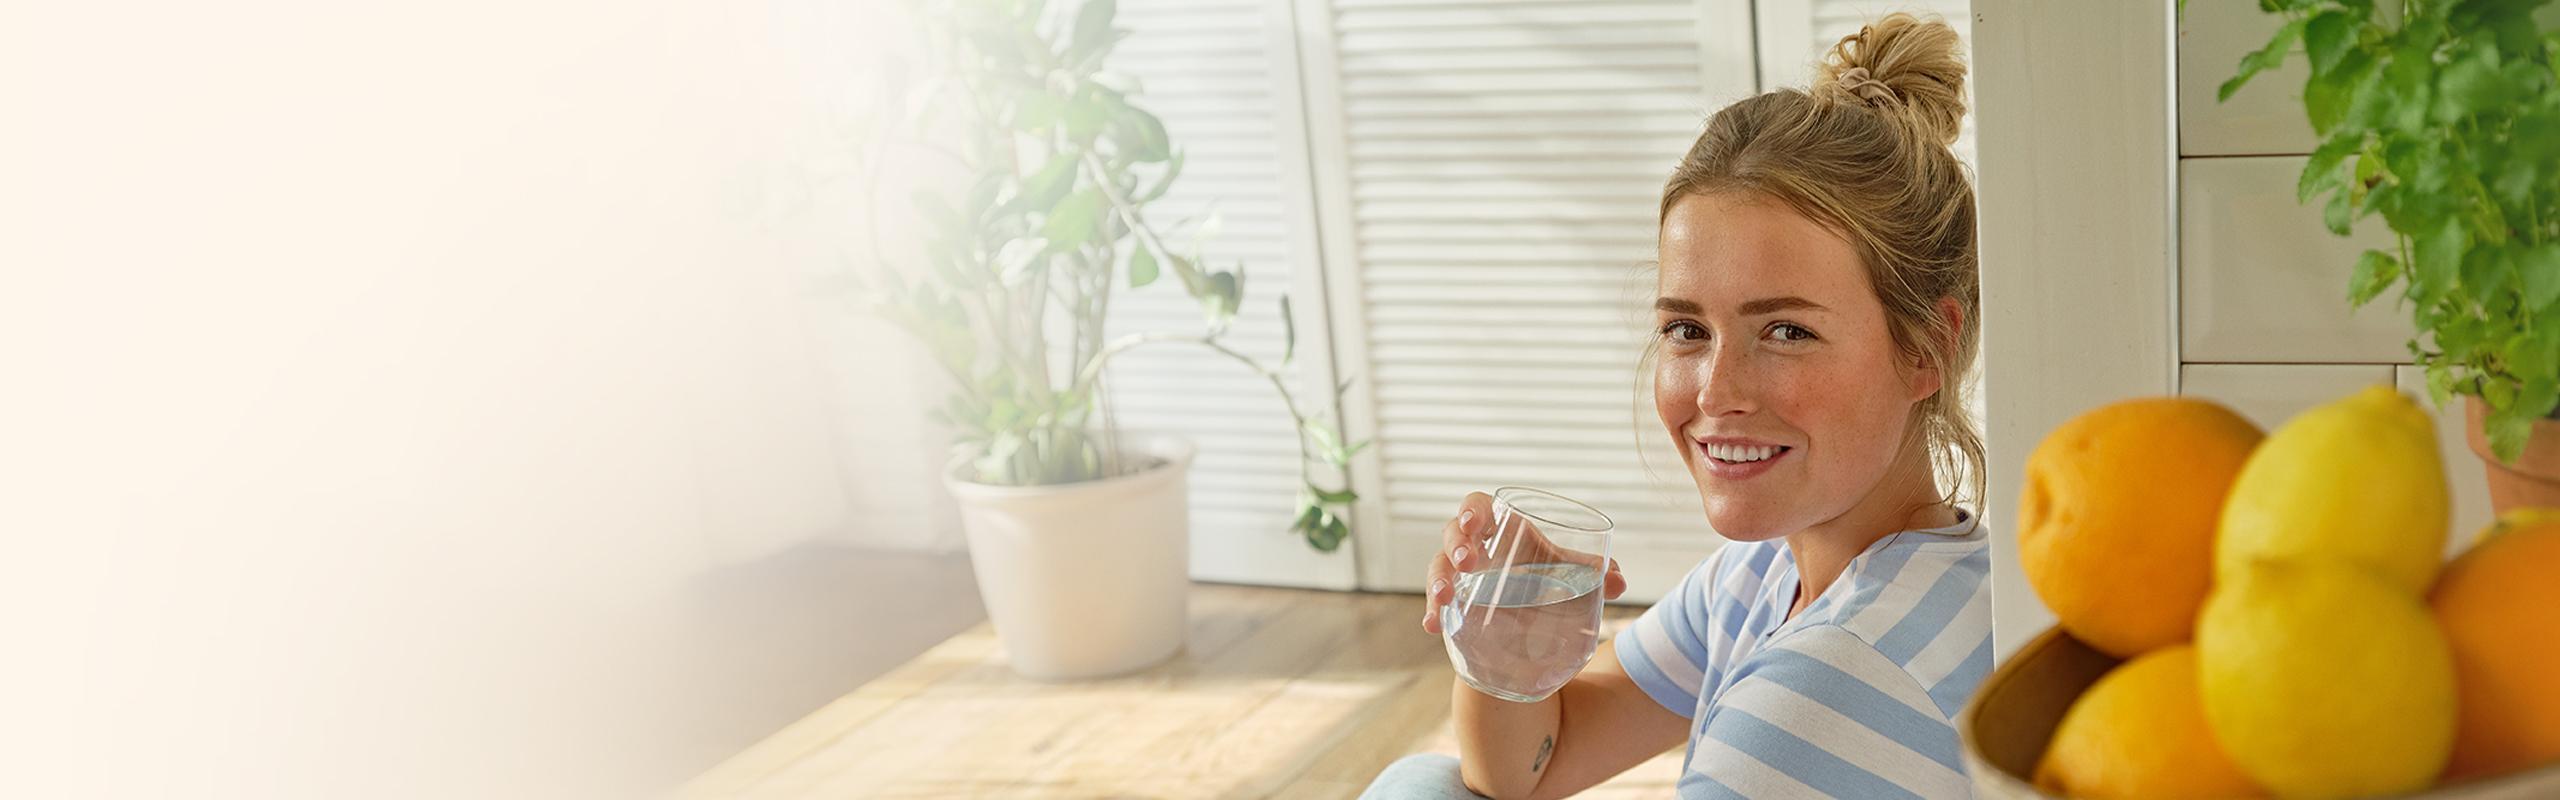 Frau trinkt BRITA gefiltertes Wasser